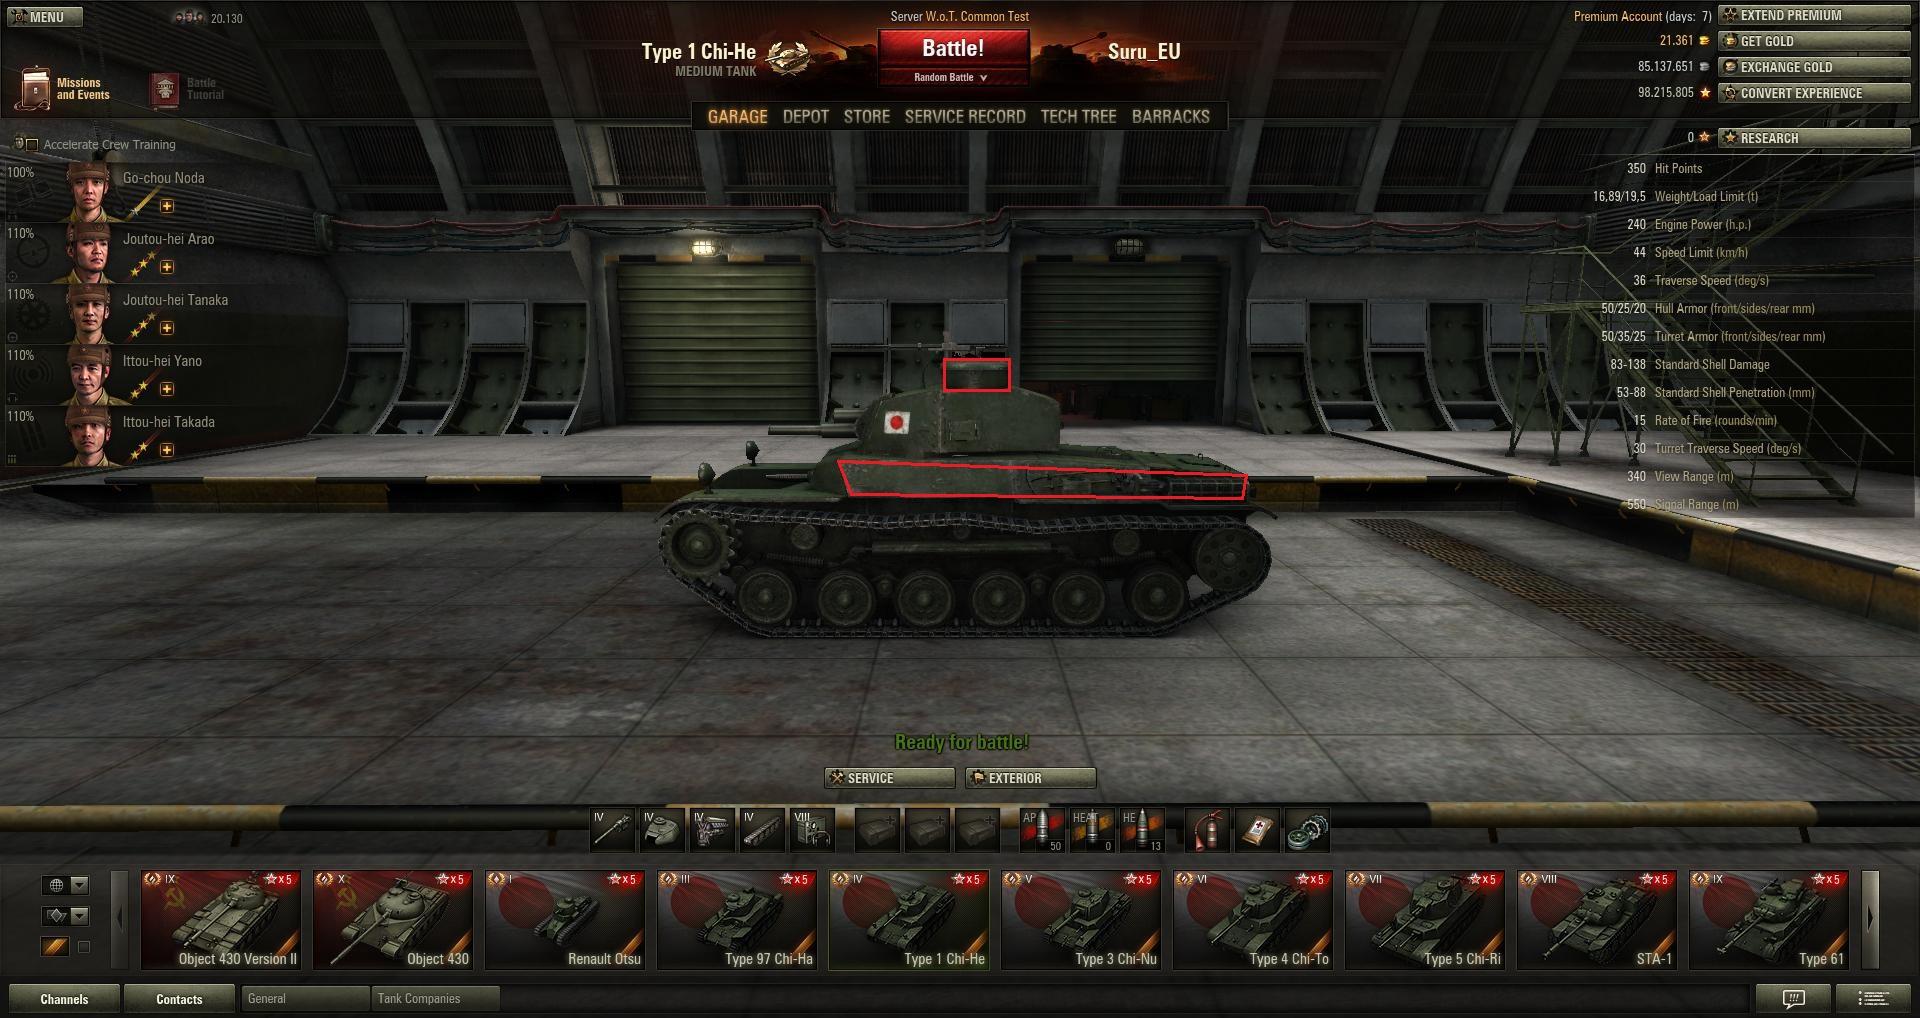 Bevorzugte Matchmaking-Tanks